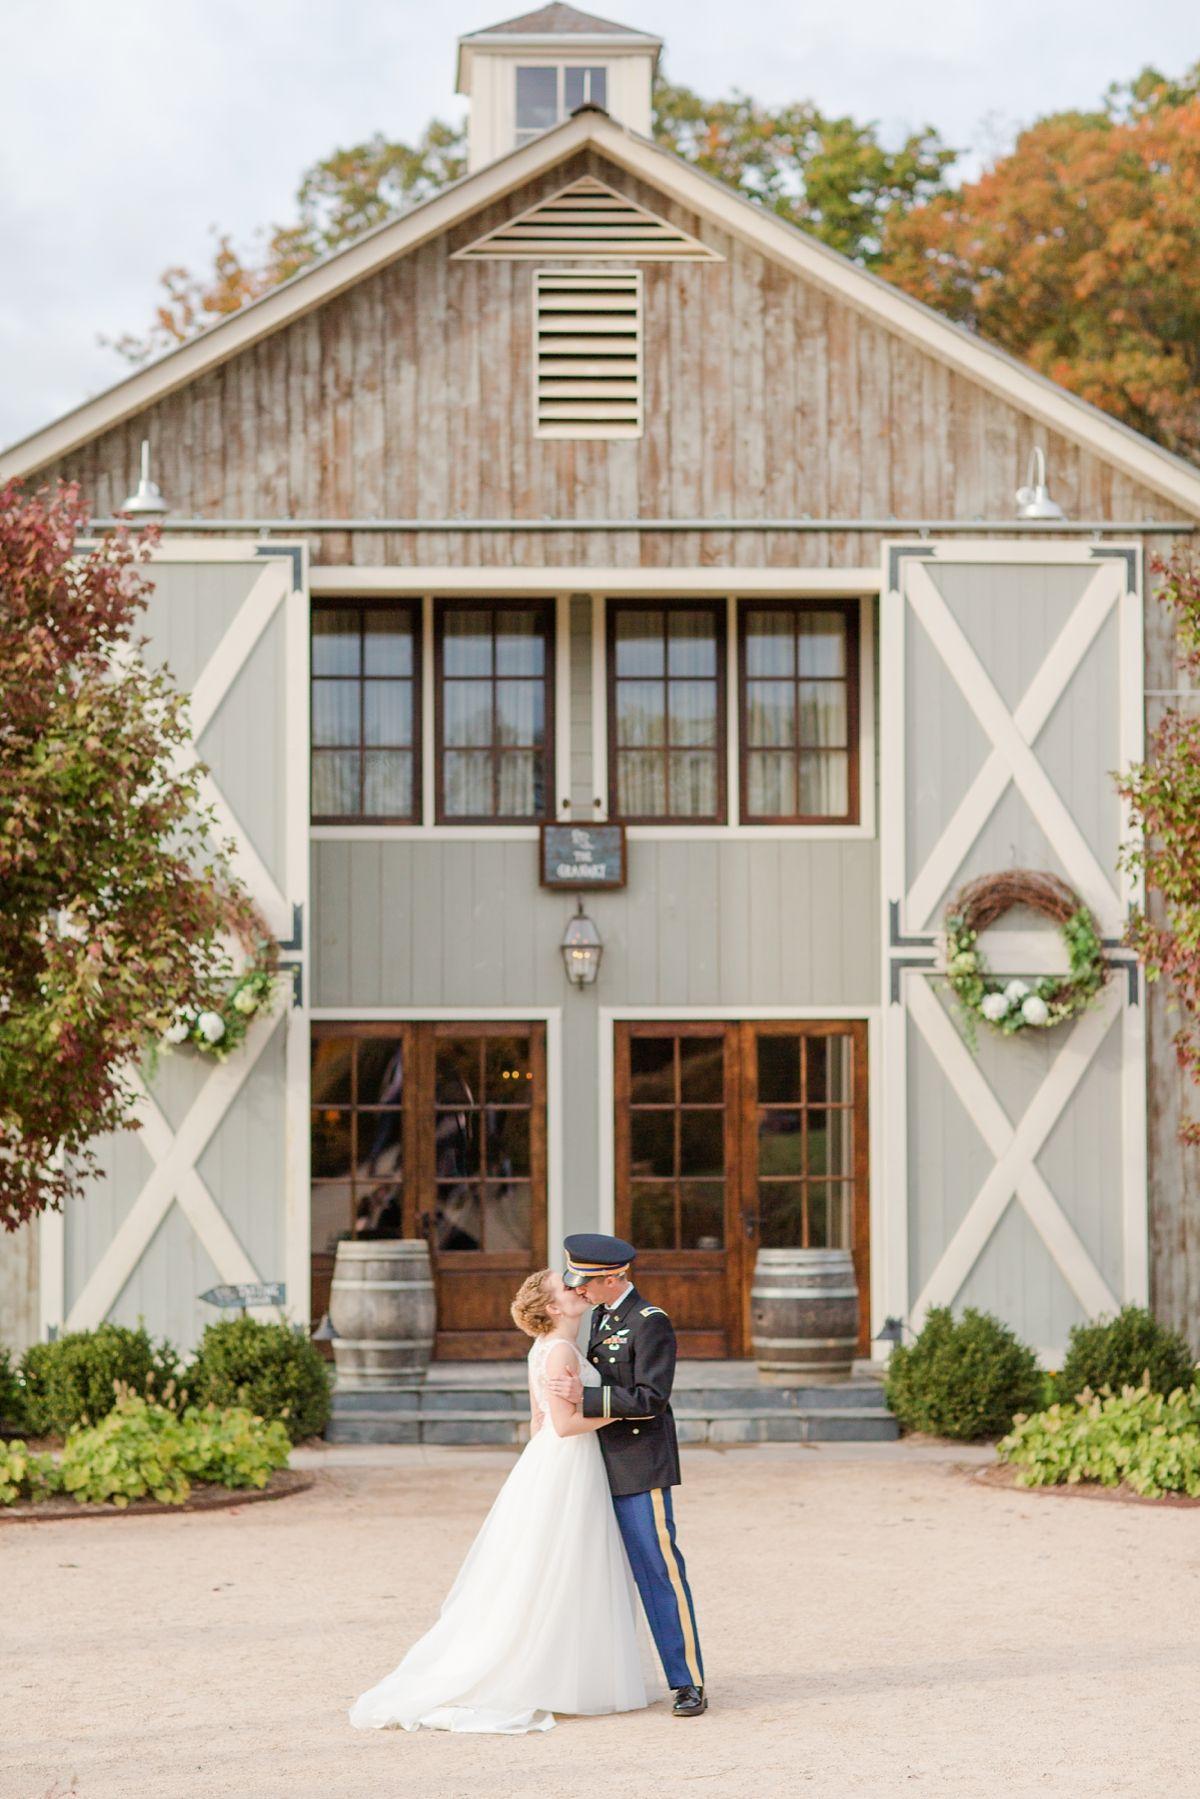 Elegant Farm Barn Wedding Venue in Virginia. Fall Wedding ...